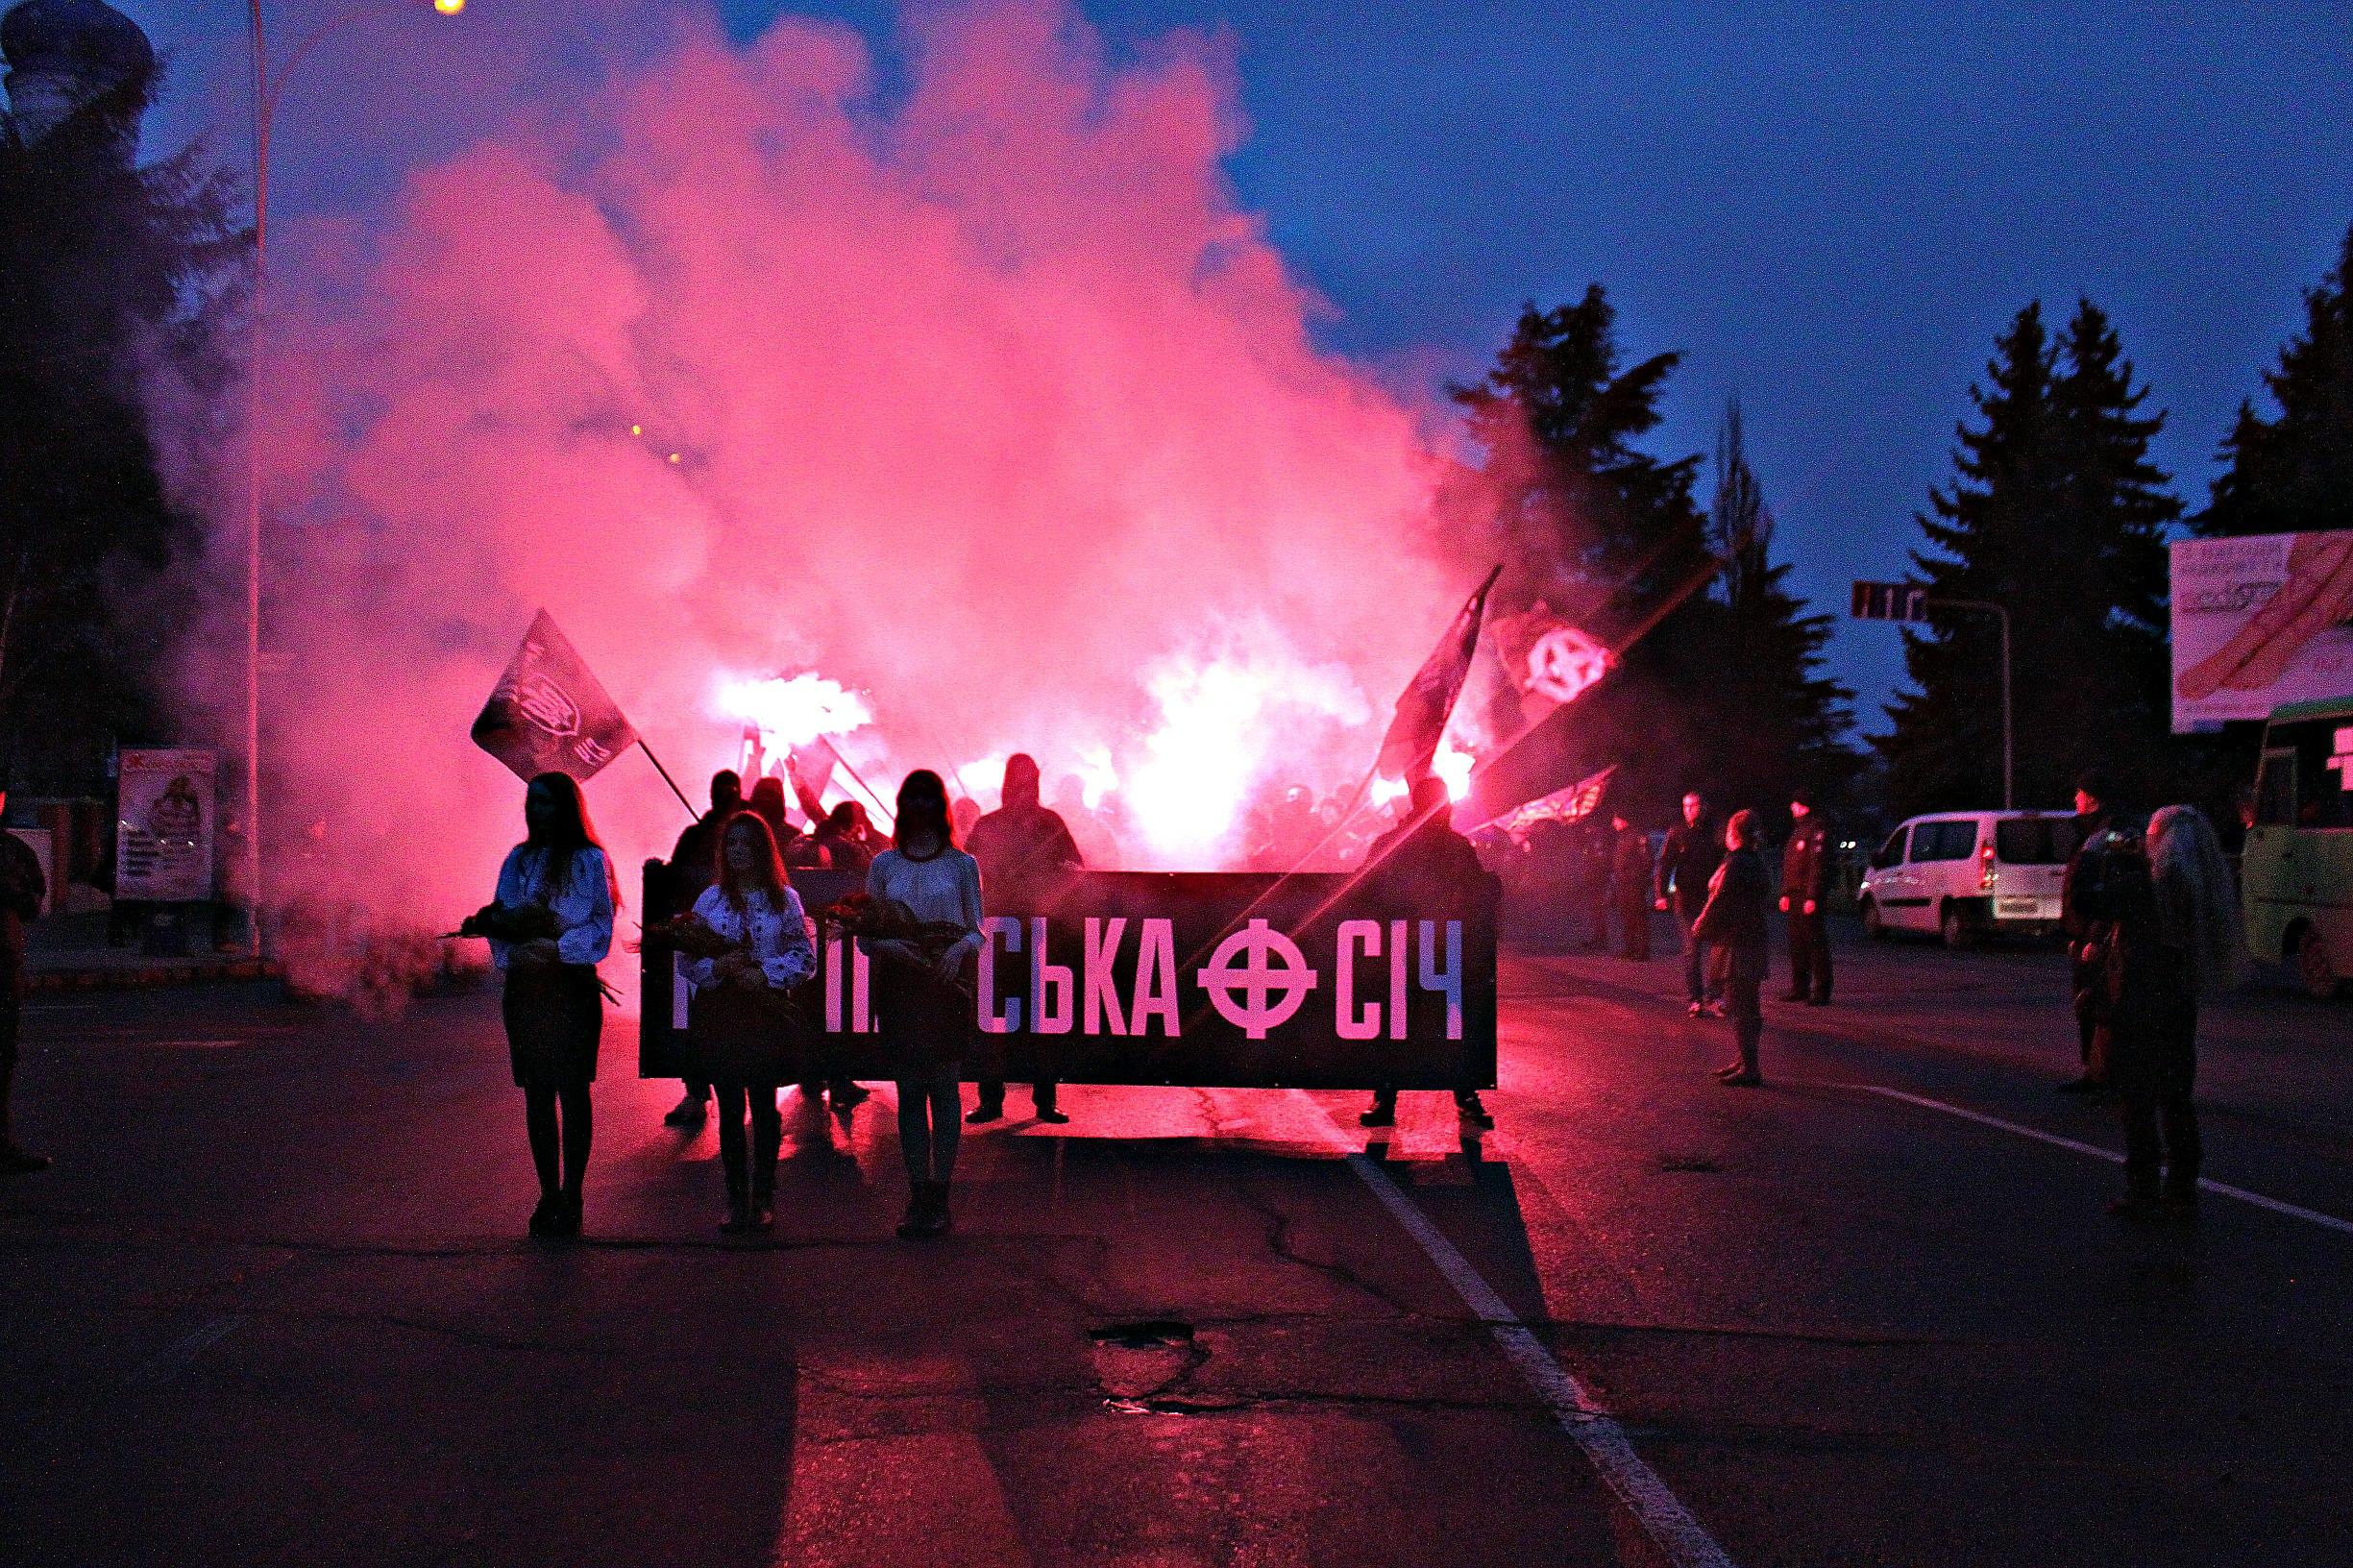 Karpatszka Szics felvonulása Ungváron, képanyag: 64 kép 4PsJJjQtde4